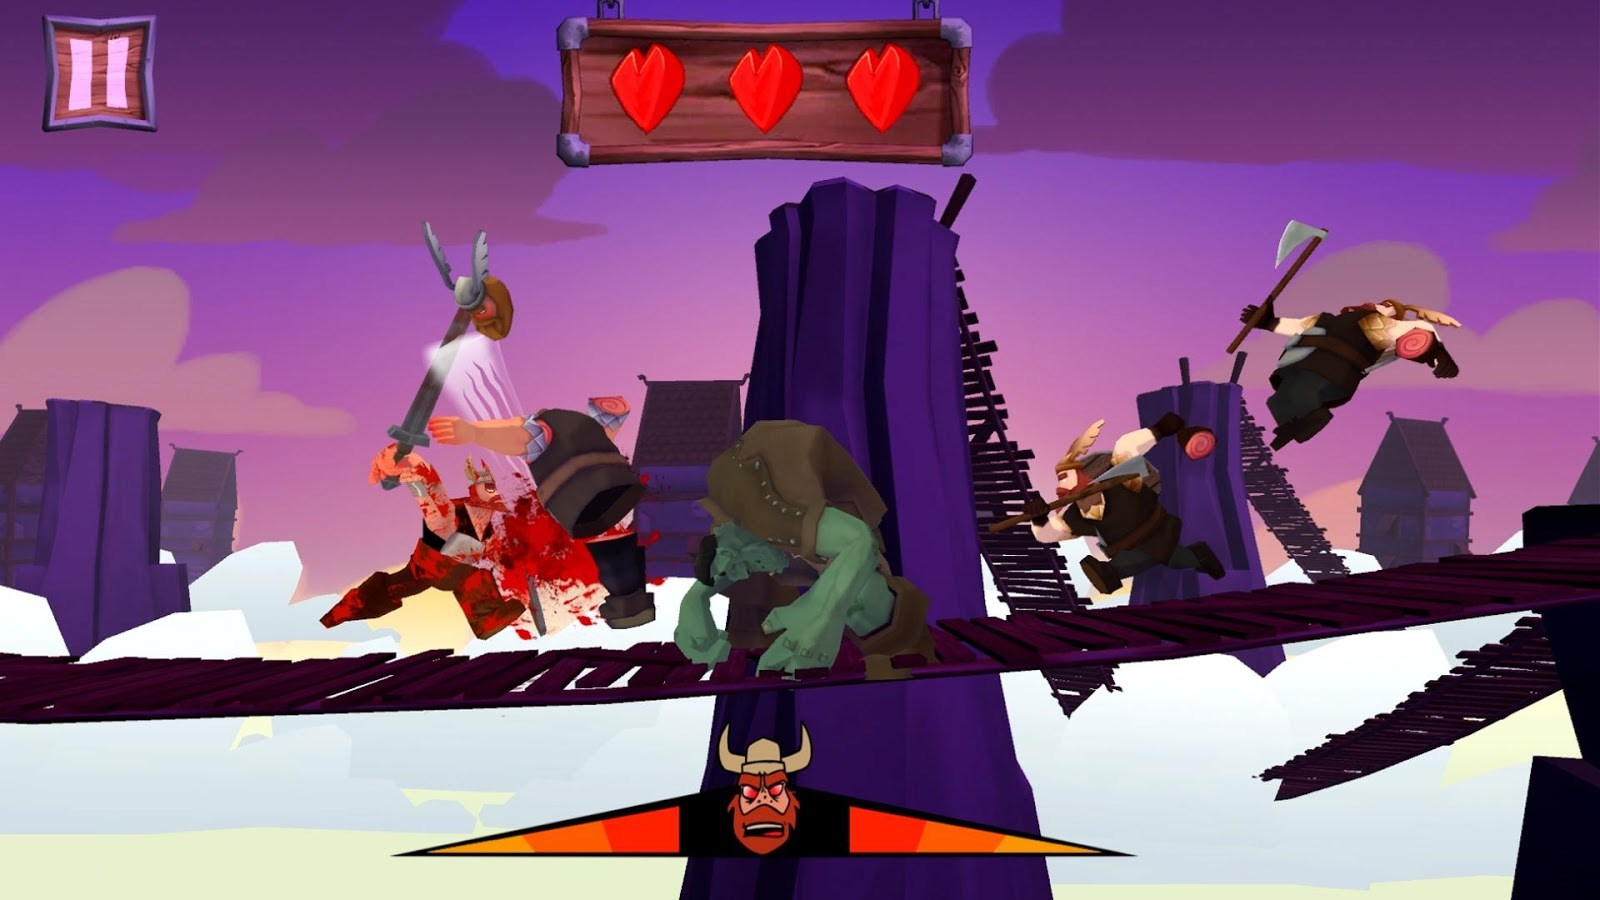 Saviour of Asgard - Imagem 1 do software